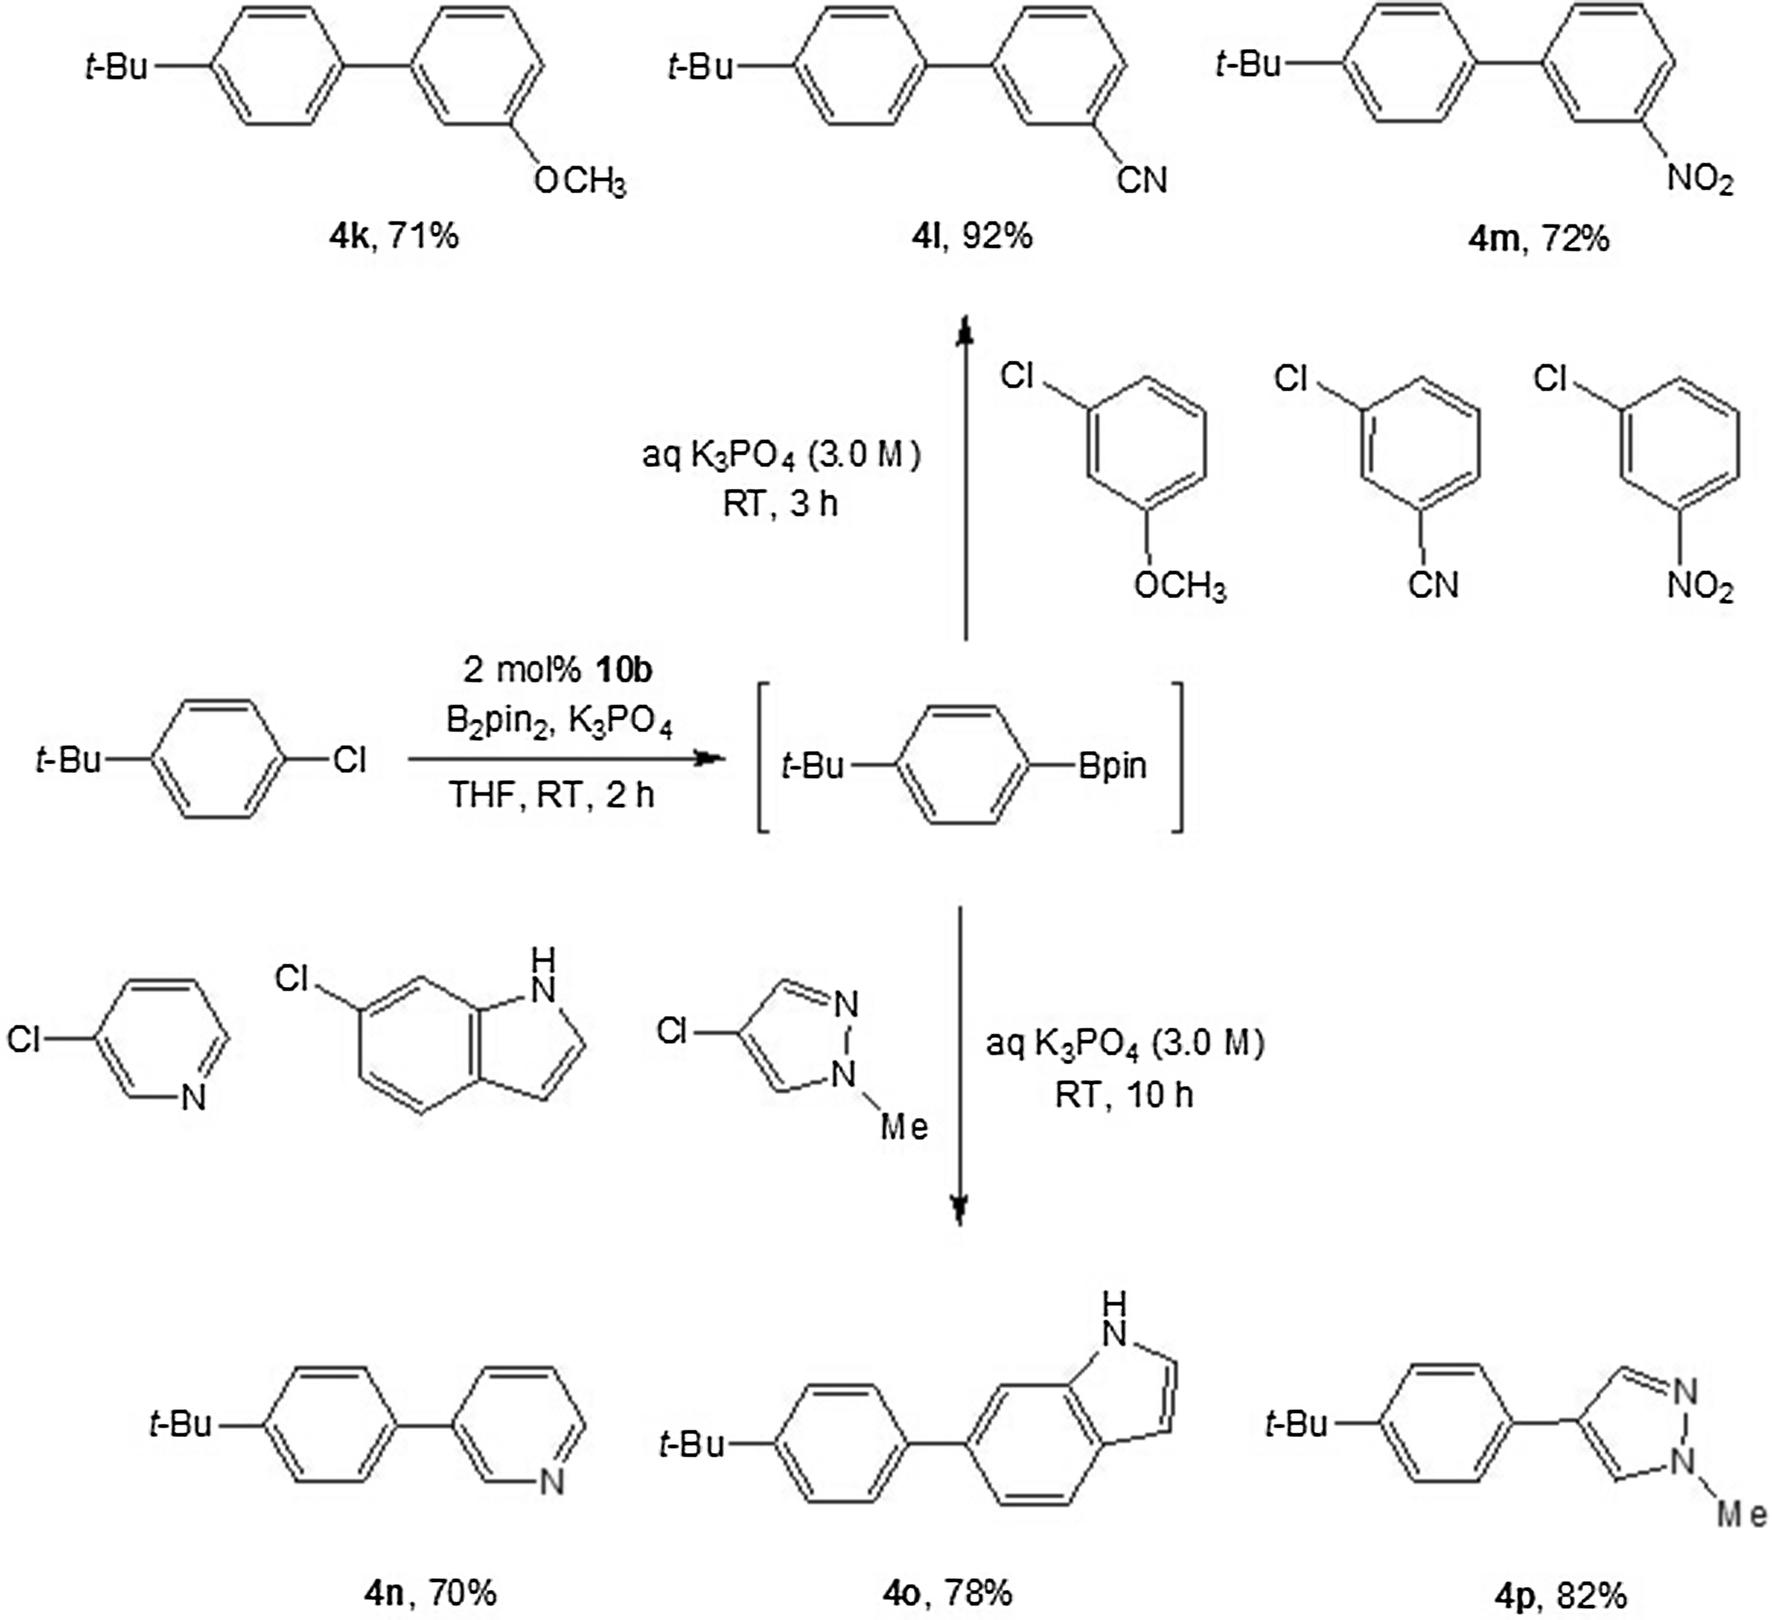 Palladium Catalyzed Borylation Of Aryl Pseudohalides And Its Hf Data Diagrams O 2 Meta Dibromobenzene Scheme